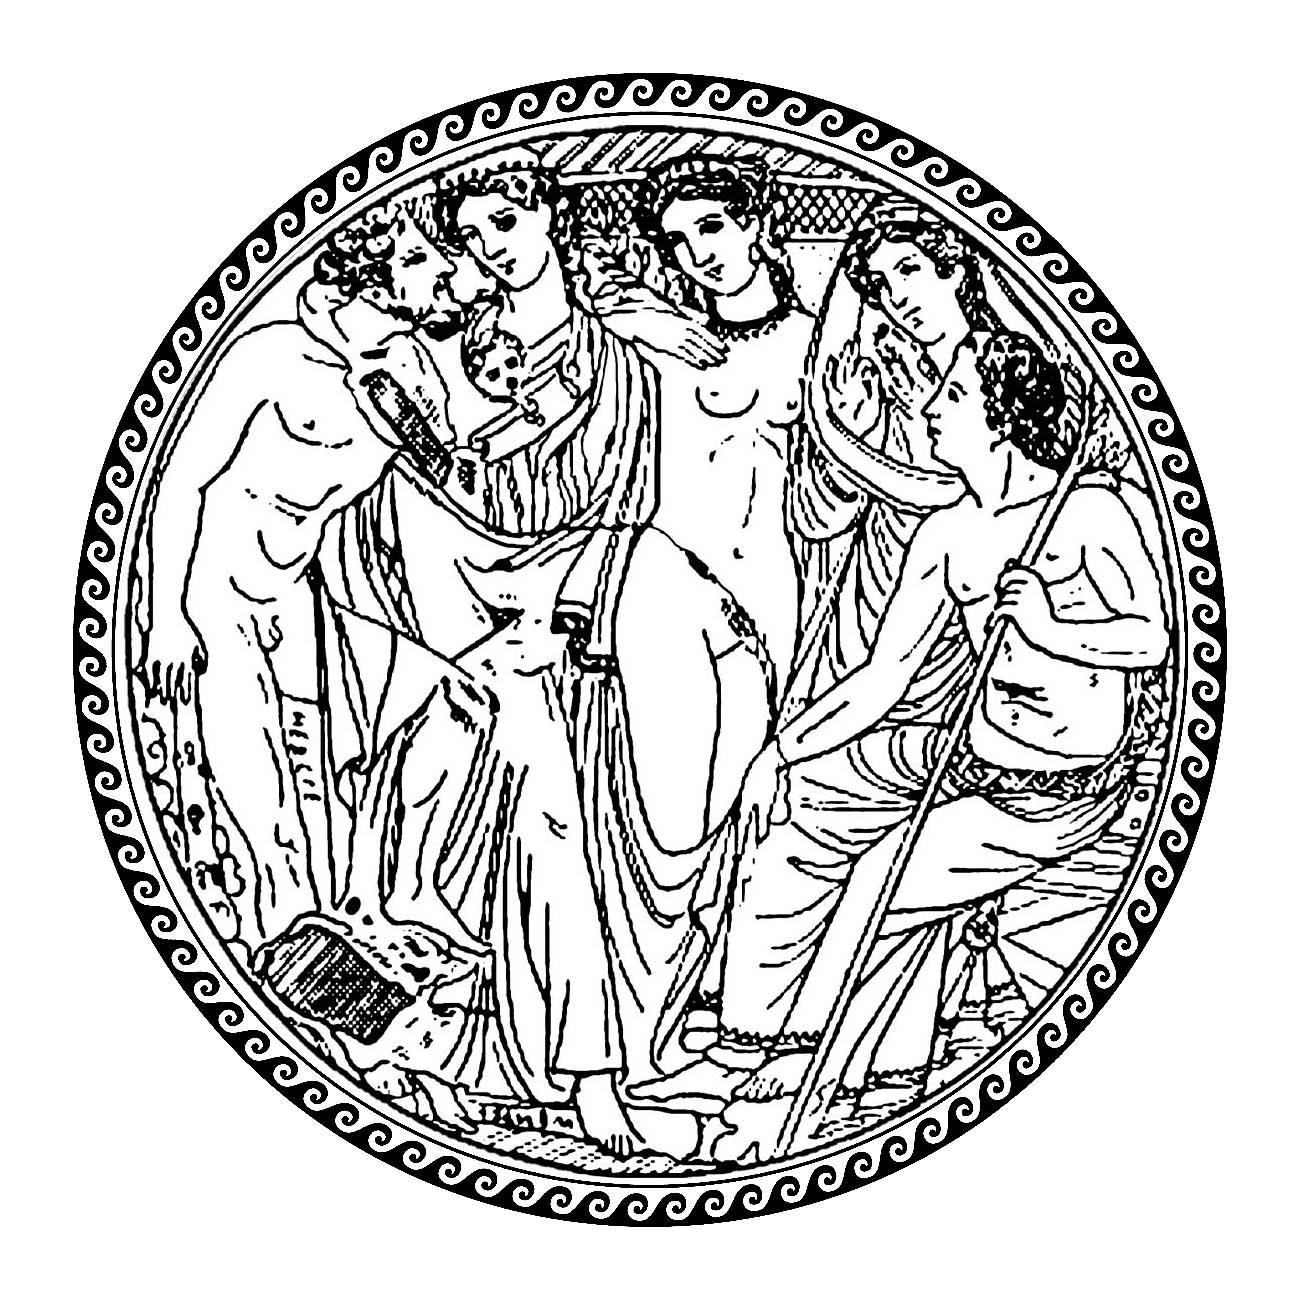 Hébé et Héraclès dans un cercle composé de motifs typiques grecs - 2